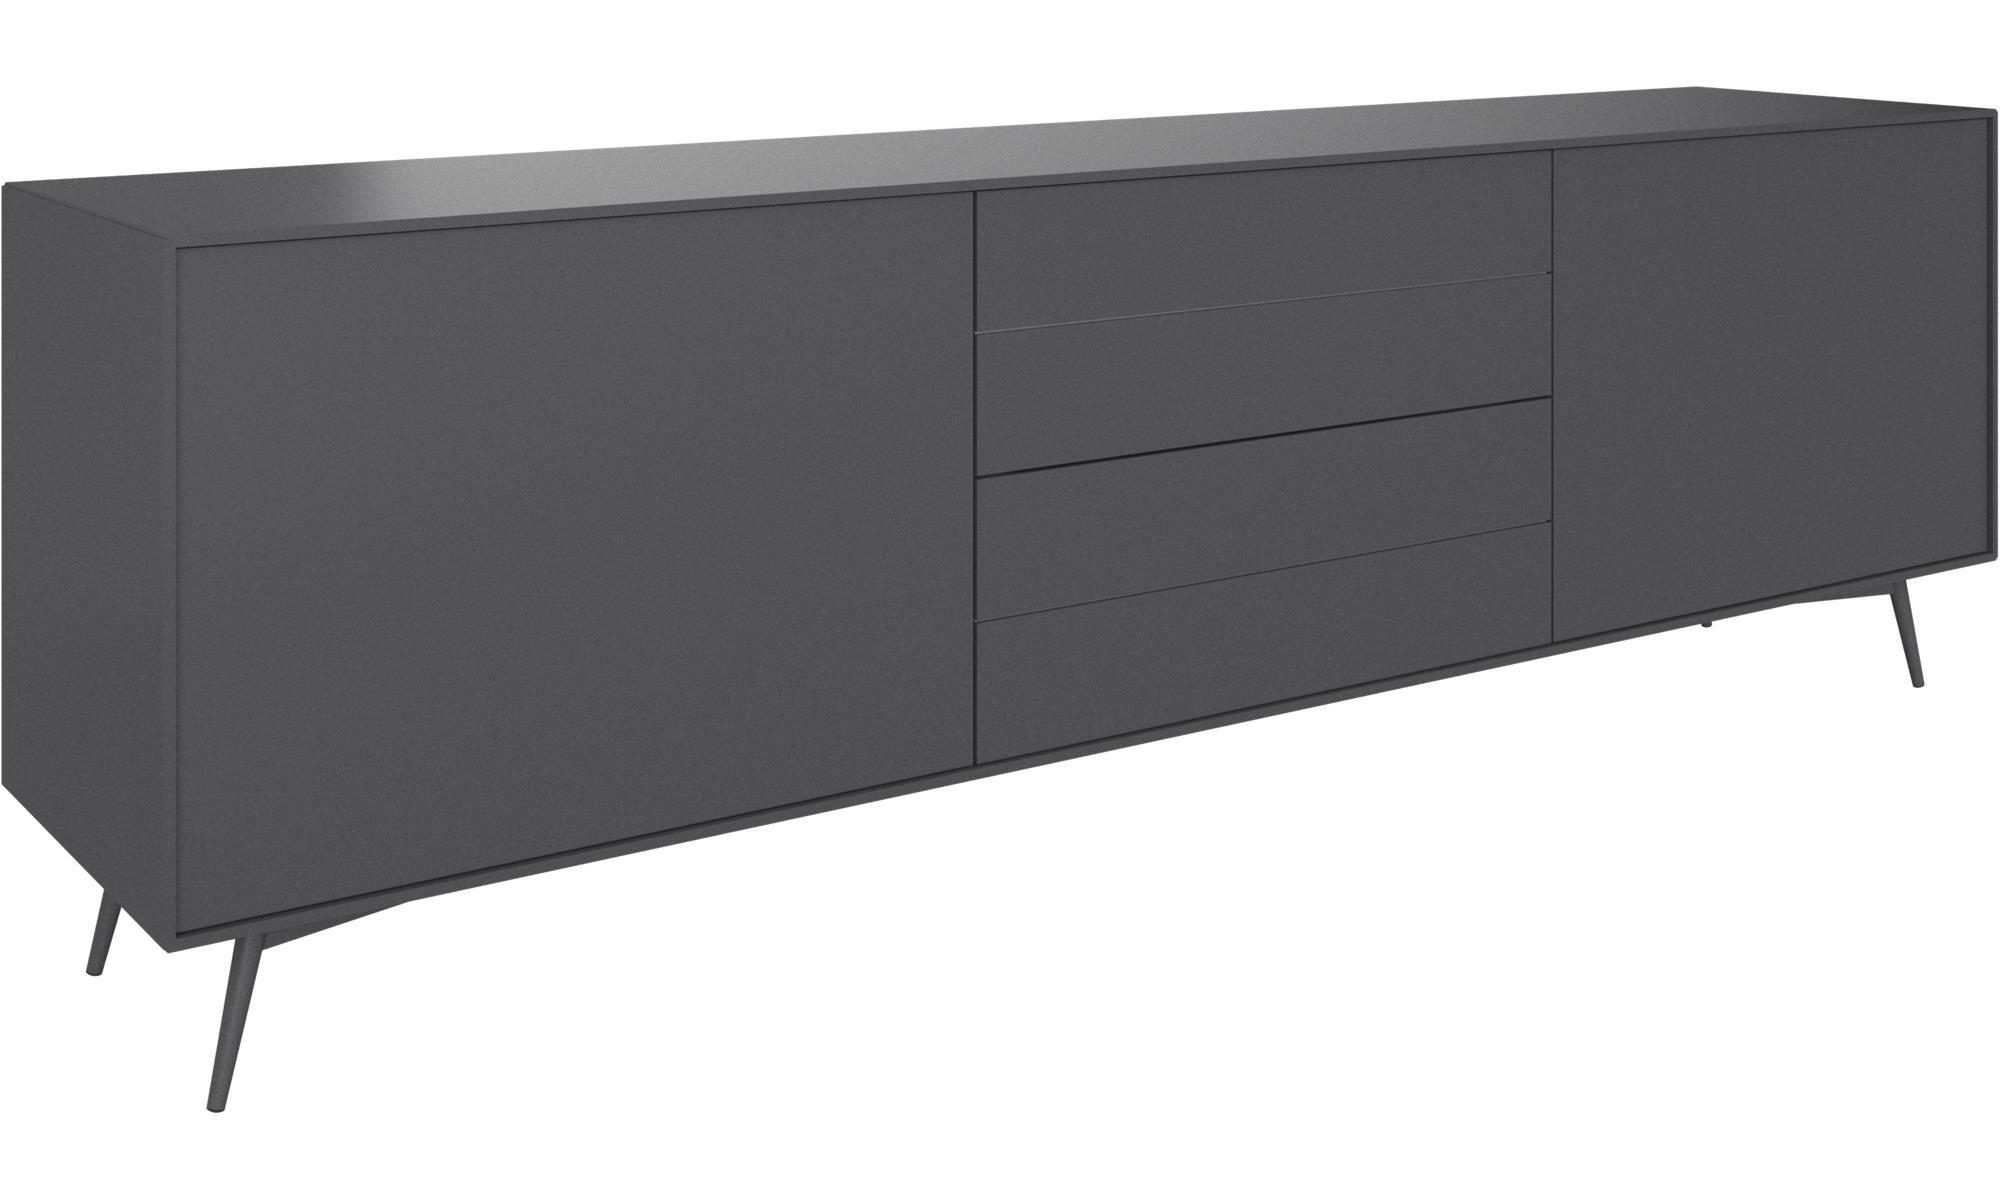 Moderne Sideboards Für Ihren Wohnraum – Qualität Von Inside Current Phyllis Sideboards (View 13 of 20)